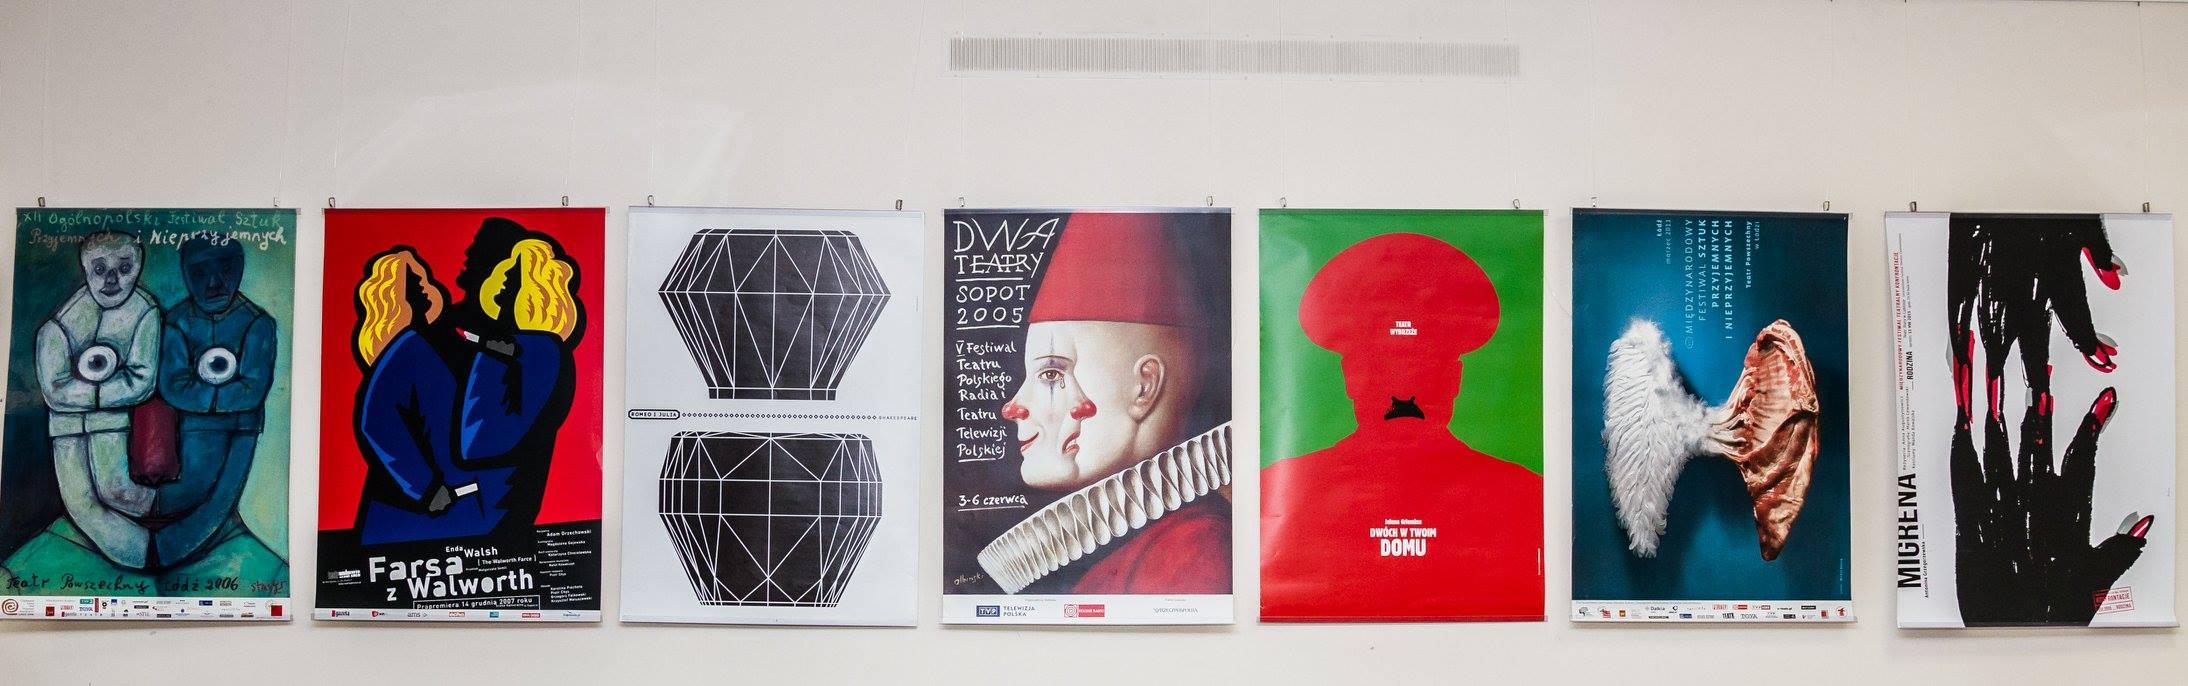 Wernisaż wystawy polskiego plakatu na Litwie - galeria zdjęć